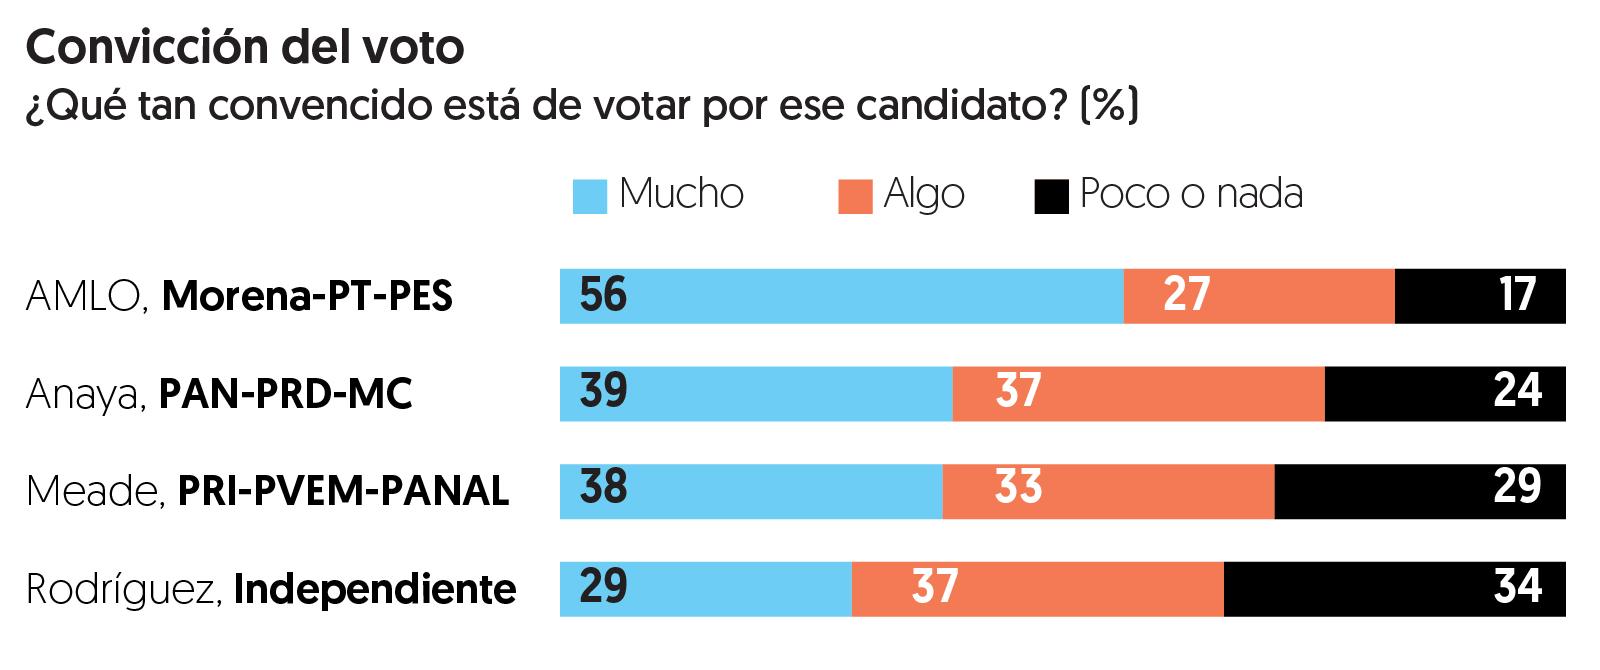 Encuesta de preferencias electorales de El Financiero. Publicación: 4 de junio de 2018.